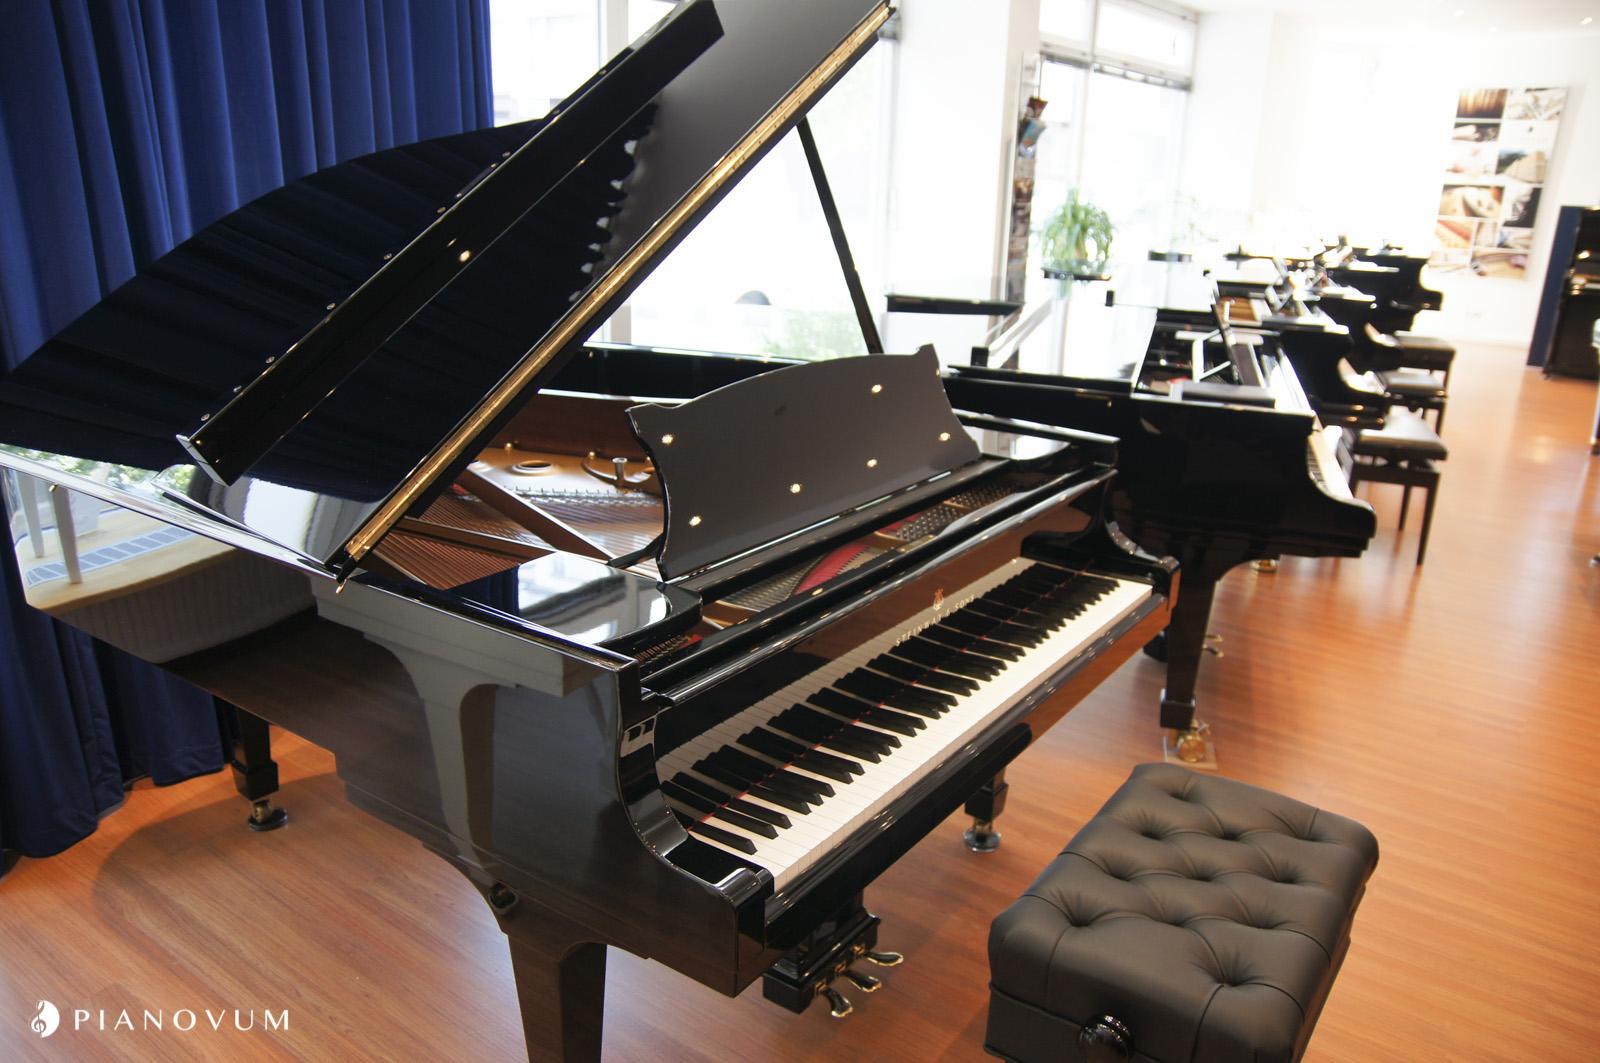 steinway sons fl gel a 188 gebraucht von pianovum. Black Bedroom Furniture Sets. Home Design Ideas